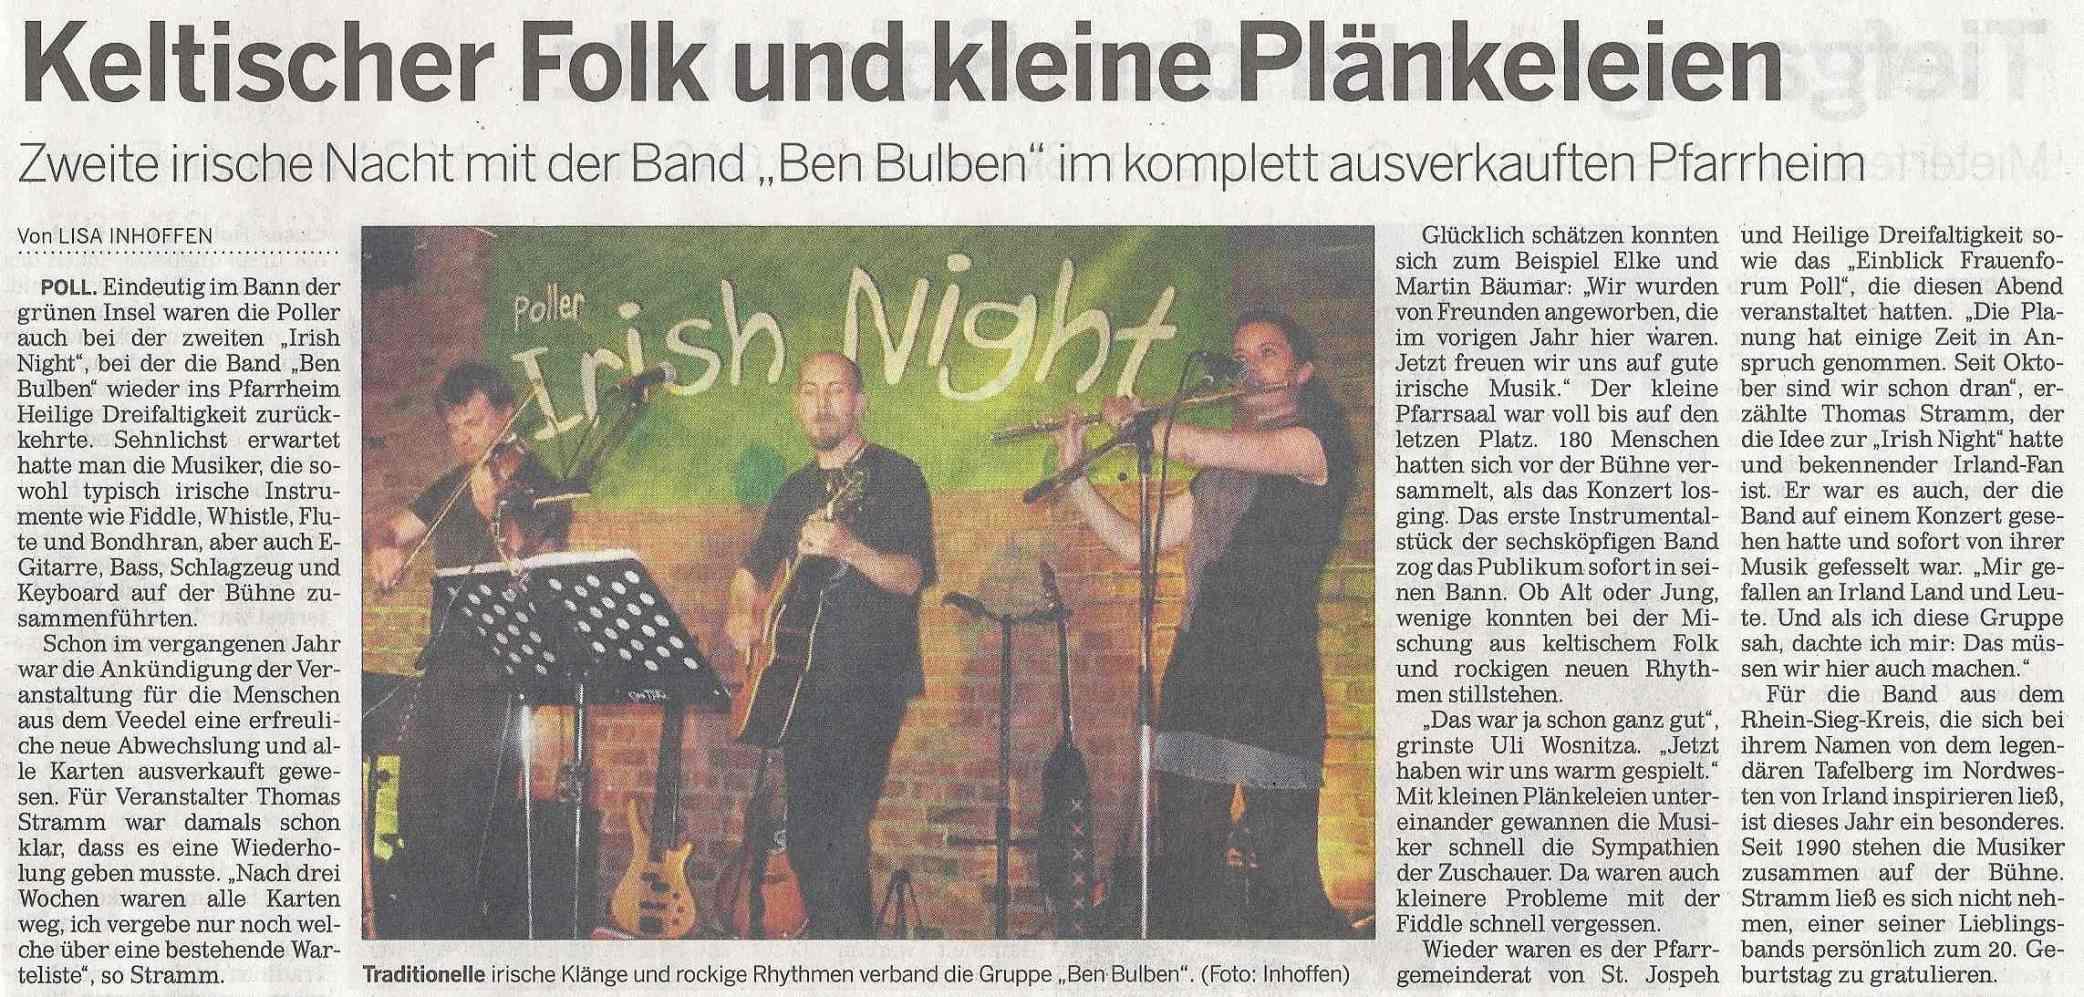 Kölnische Rundschau vom 29.04.2010